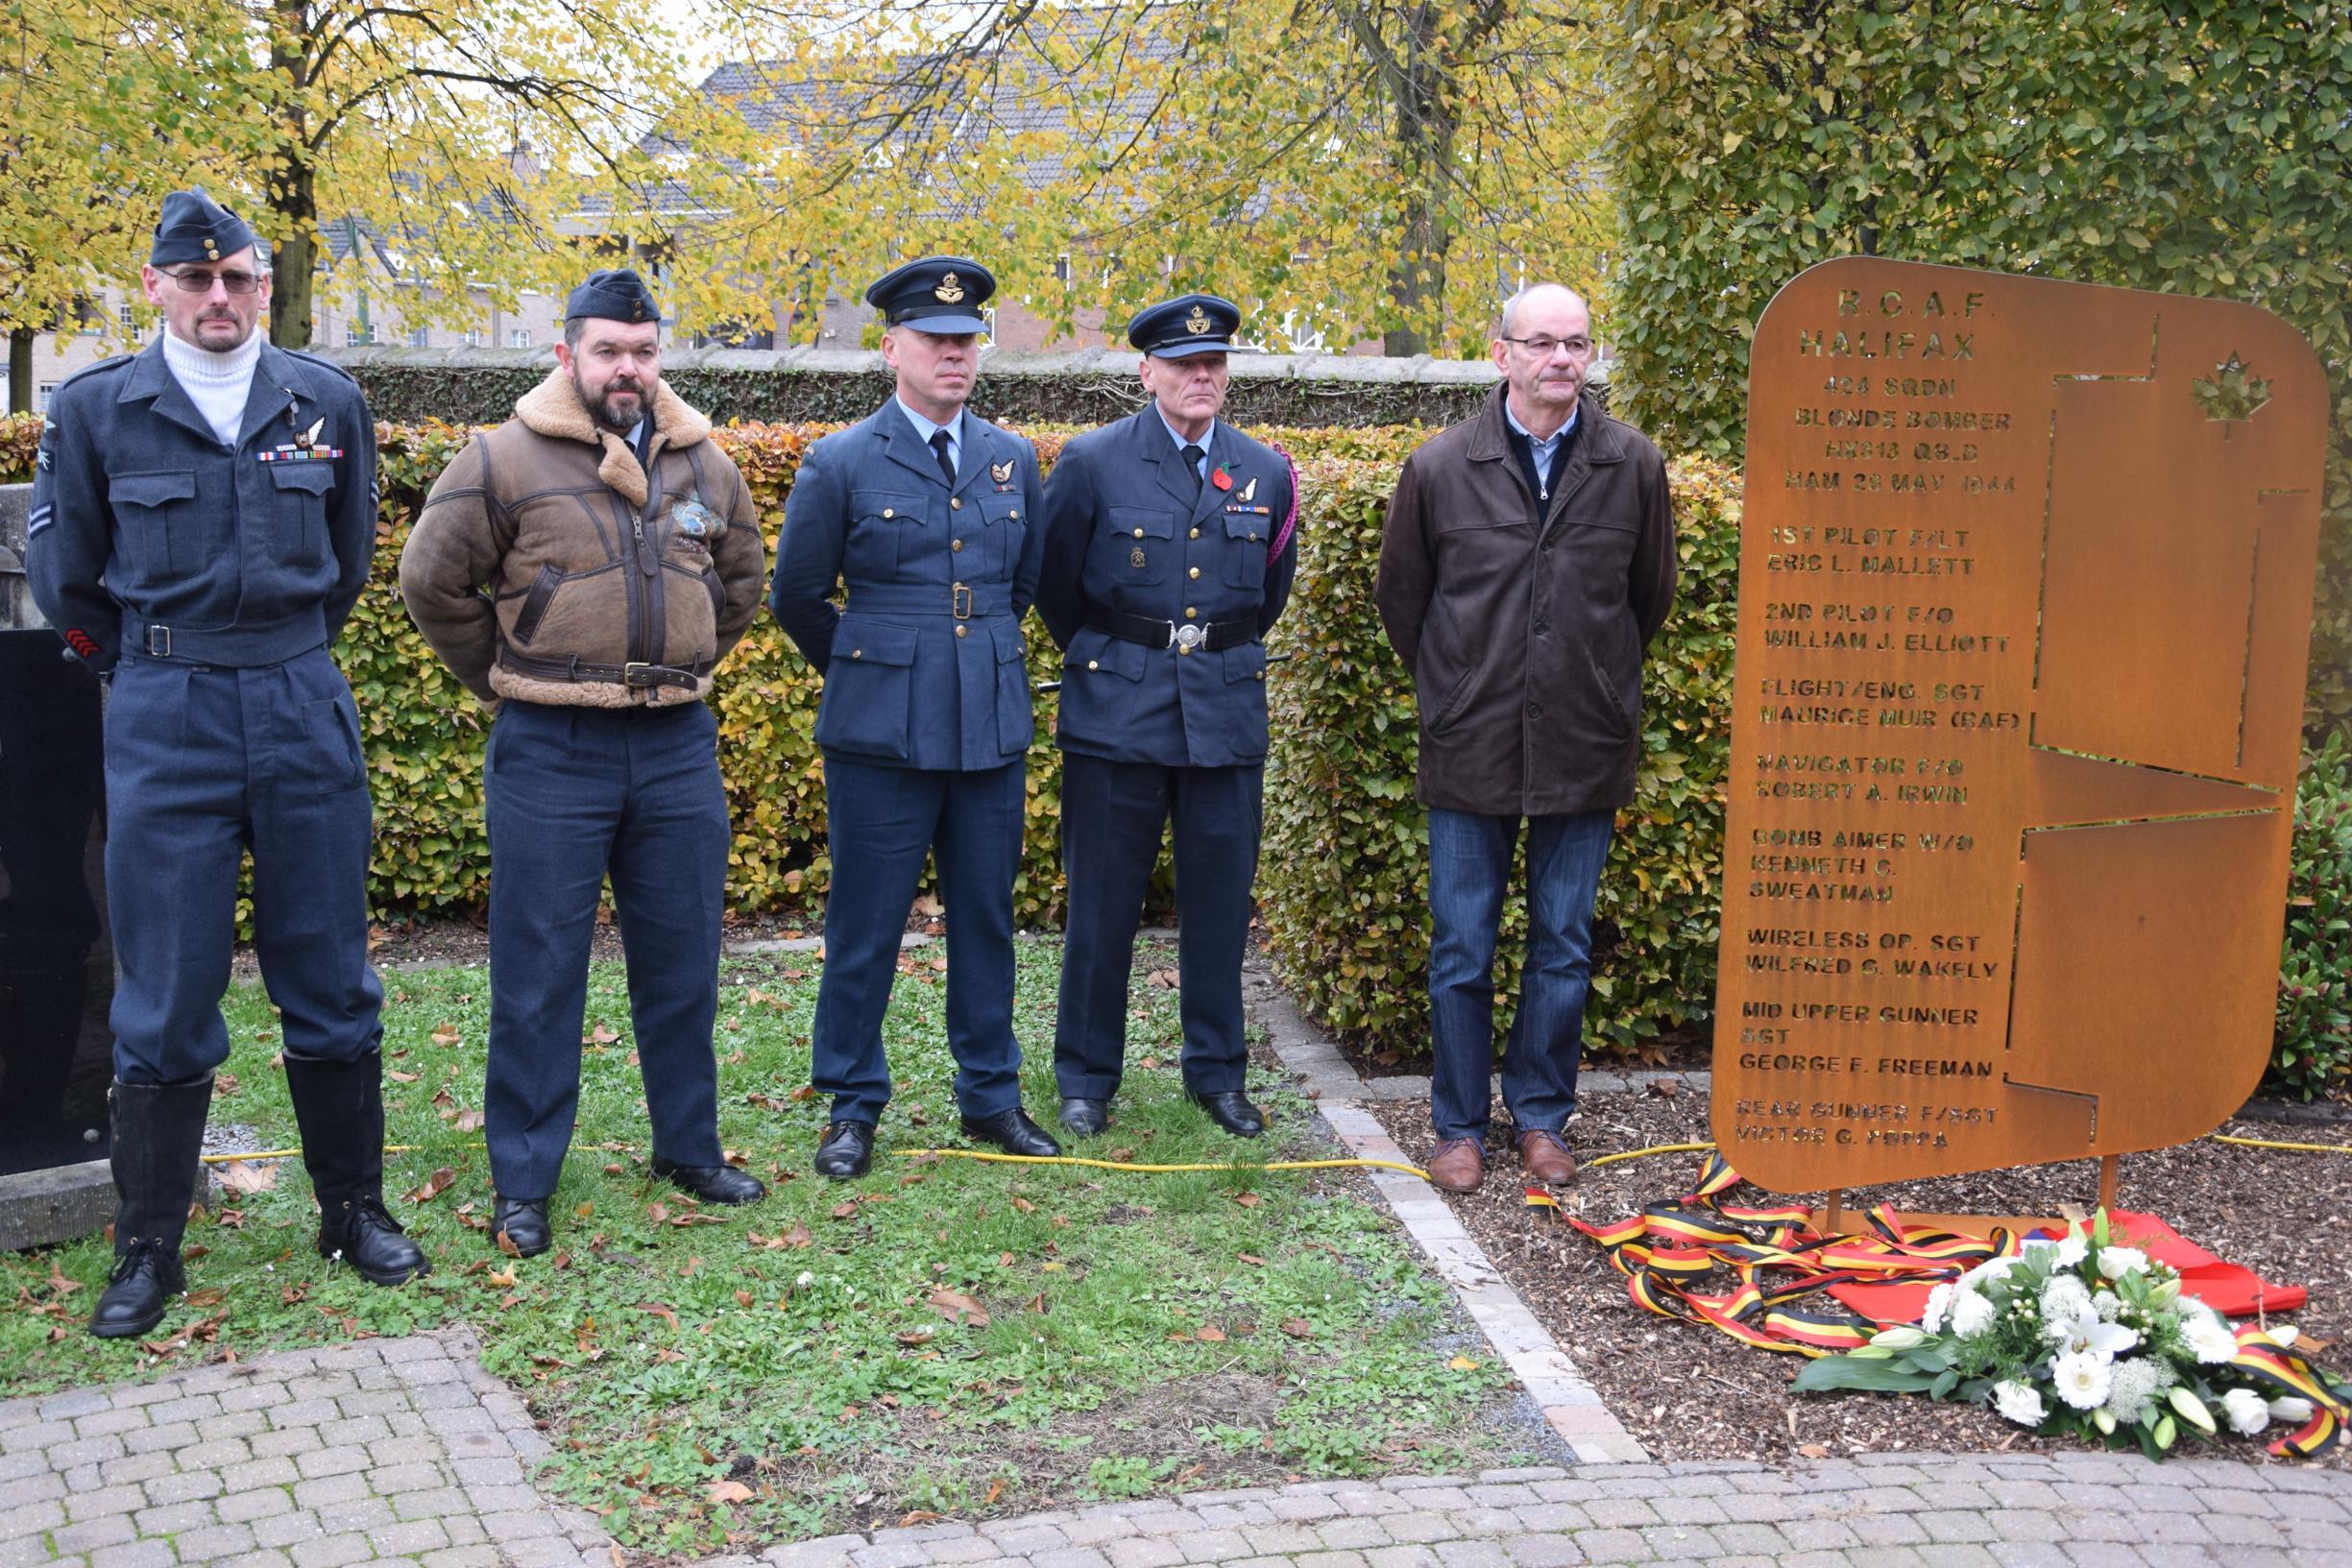 Monument eert bemanningsleden neergestorte bommenwerper (Ham) - Het Belang van Limburg